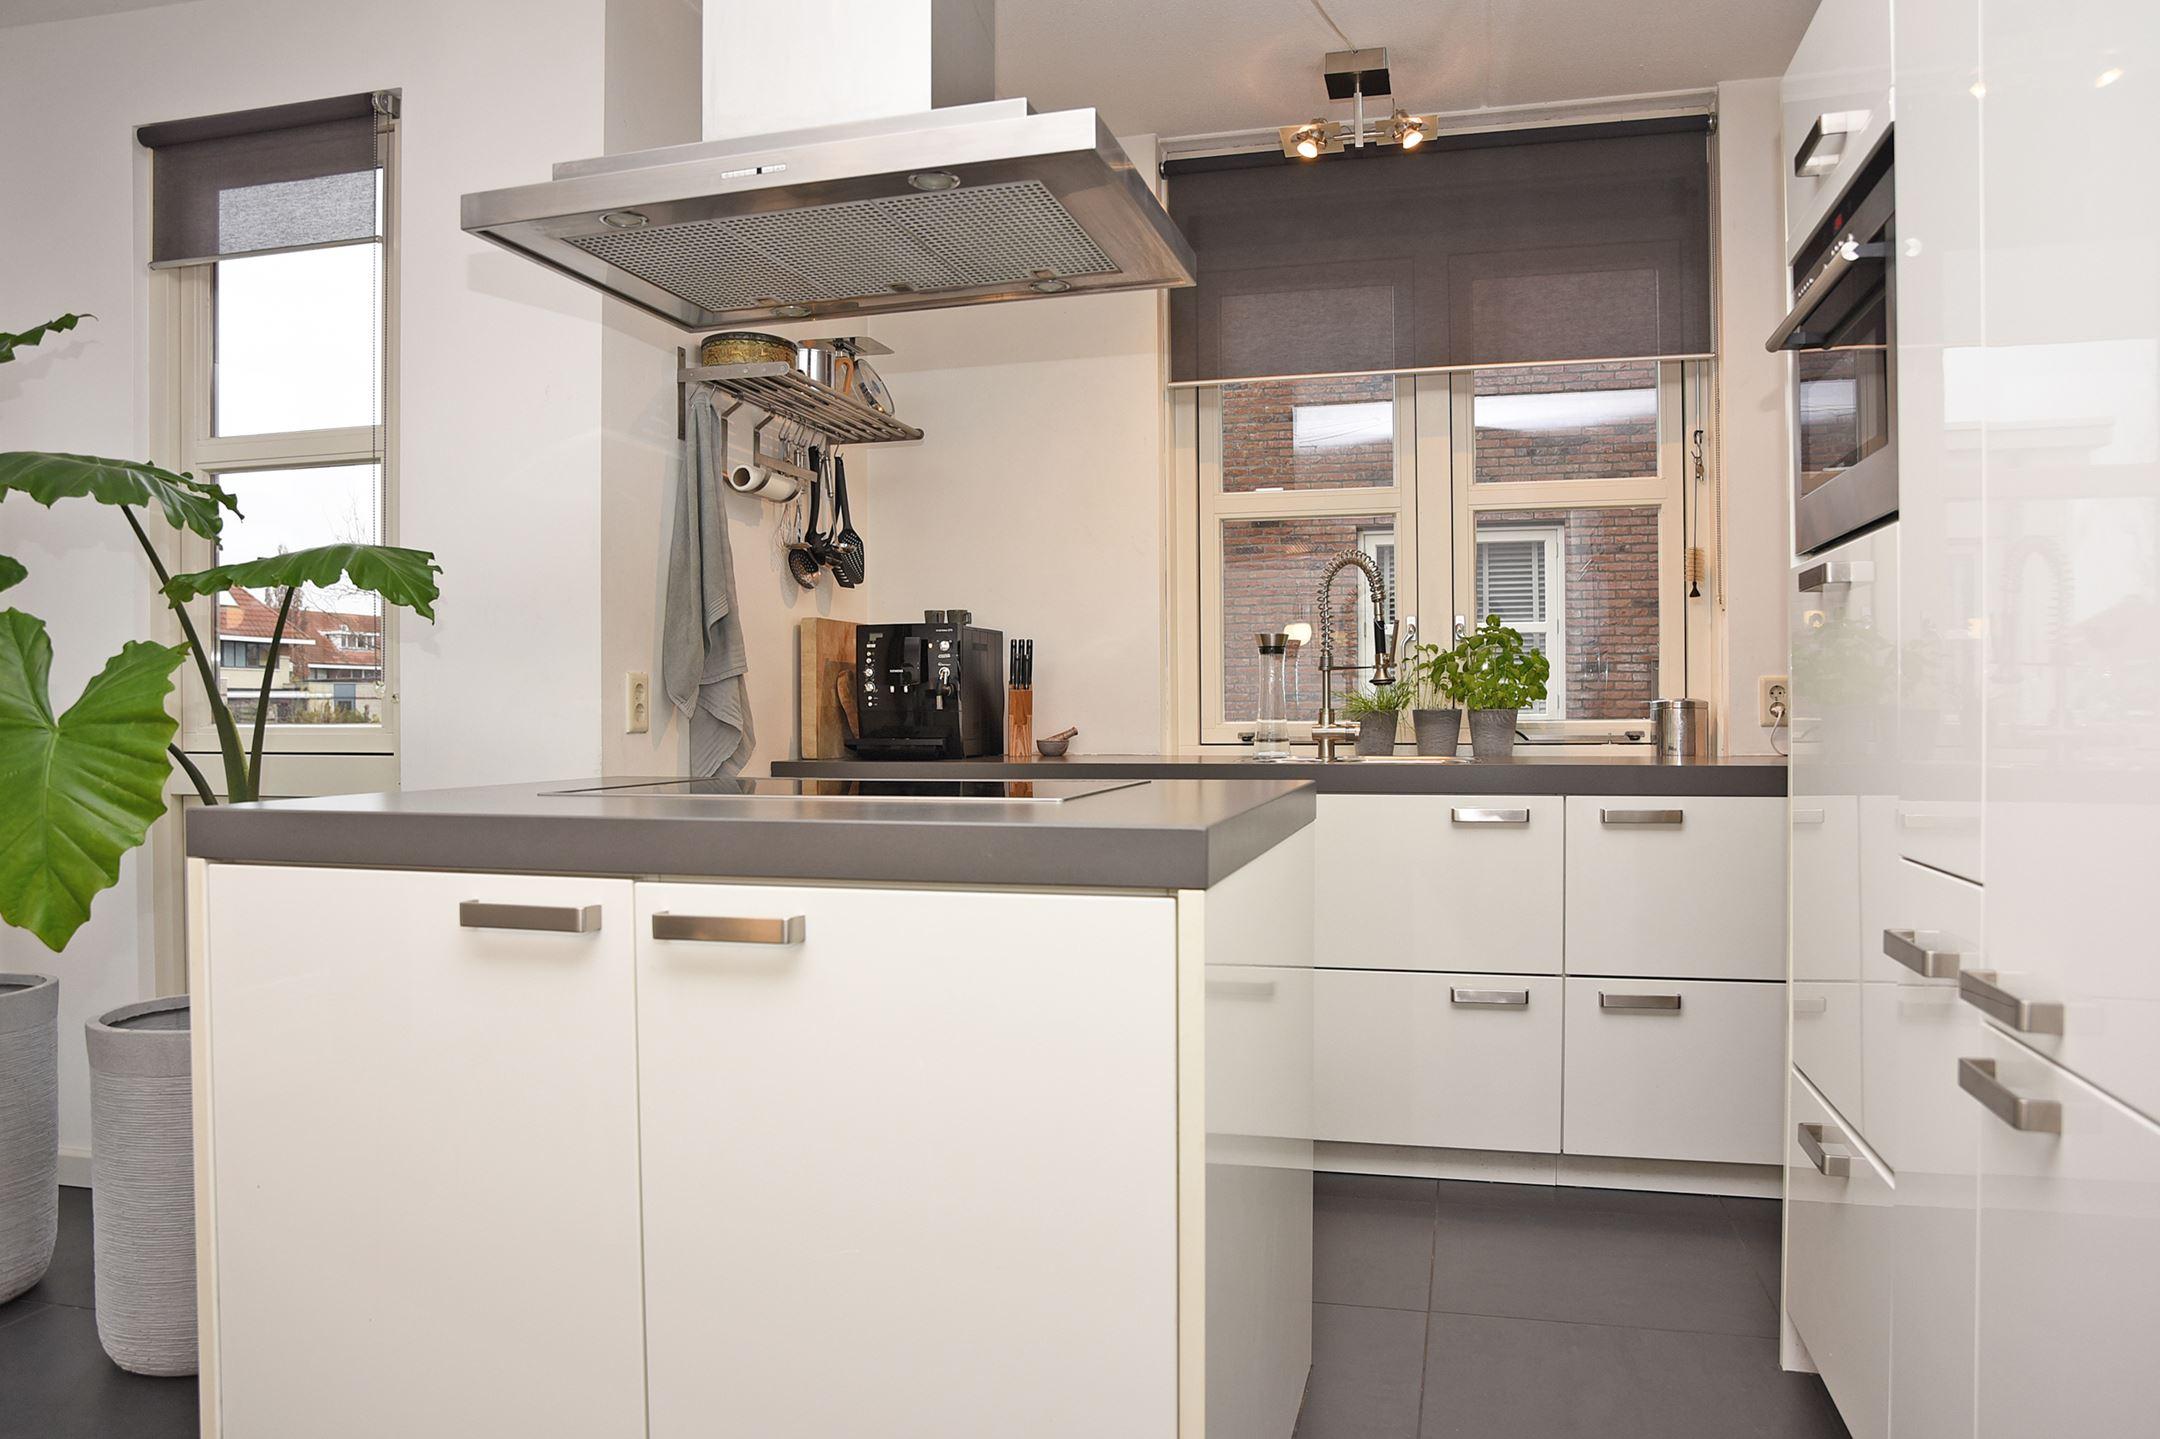 Huis te koop pijlpuntstraat 102 6515 dk nijmegen funda for Huis te koop in nijmegen